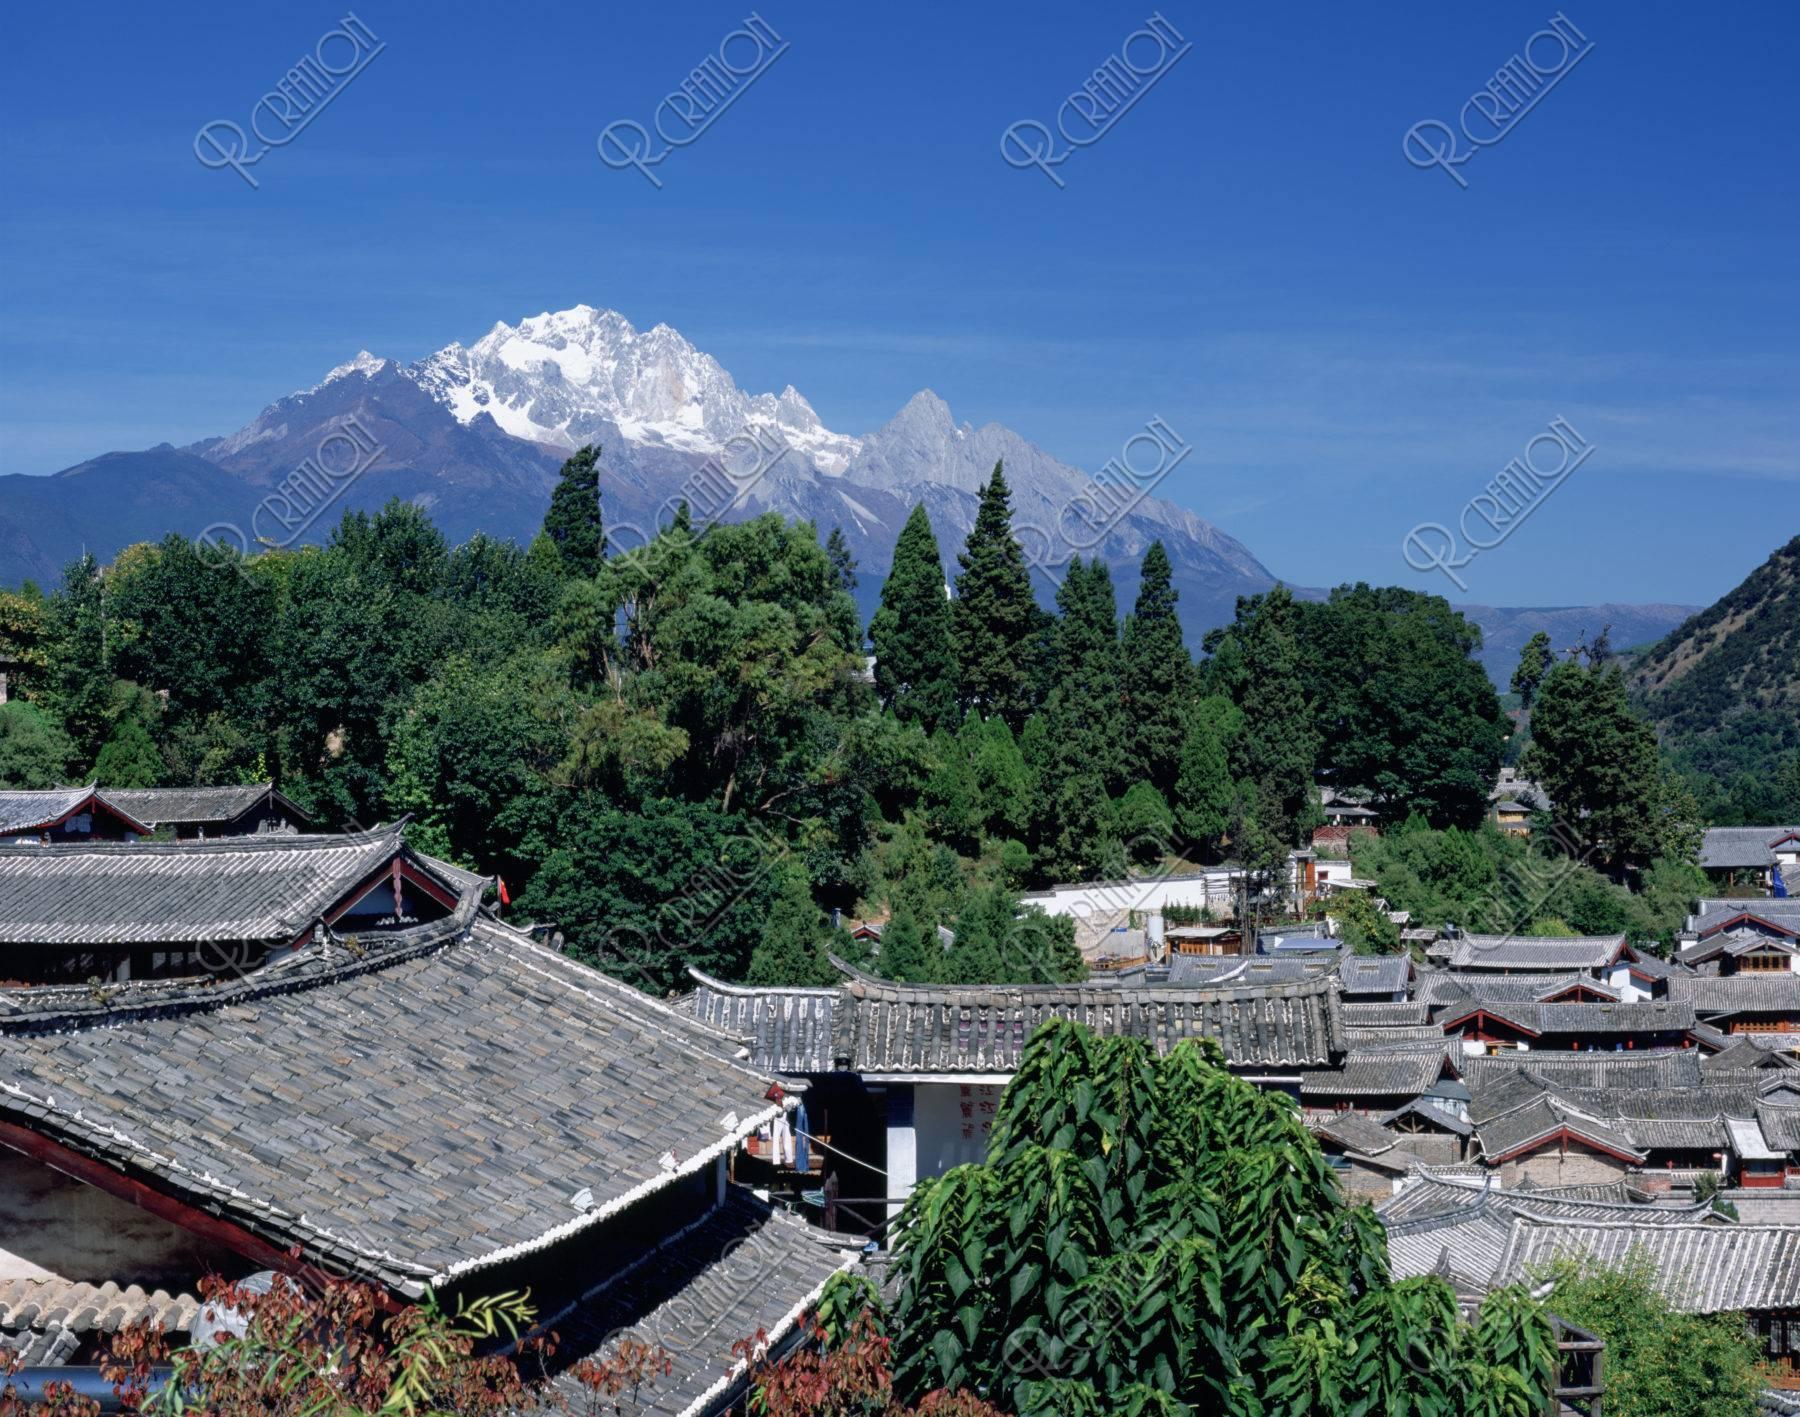 麗江町並みと玉龍雪山 世界遺産